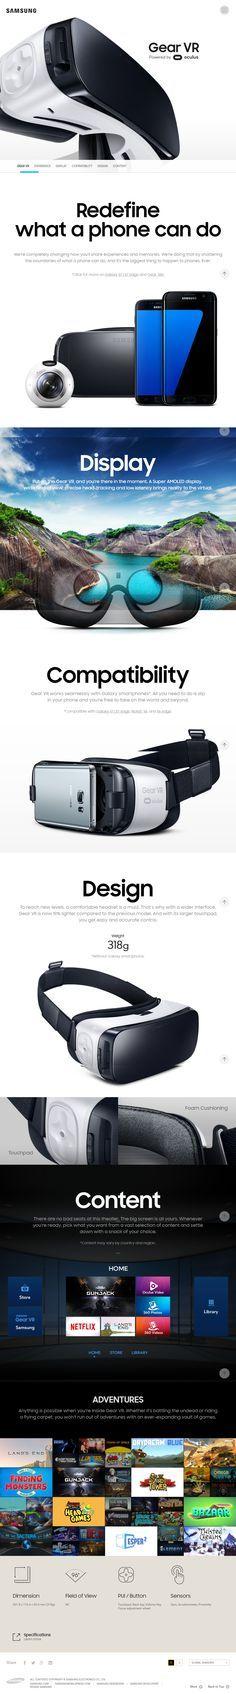 Samsung Gear VR: http://www.samsung.com/global/galaxy/wearables/gear-vr/